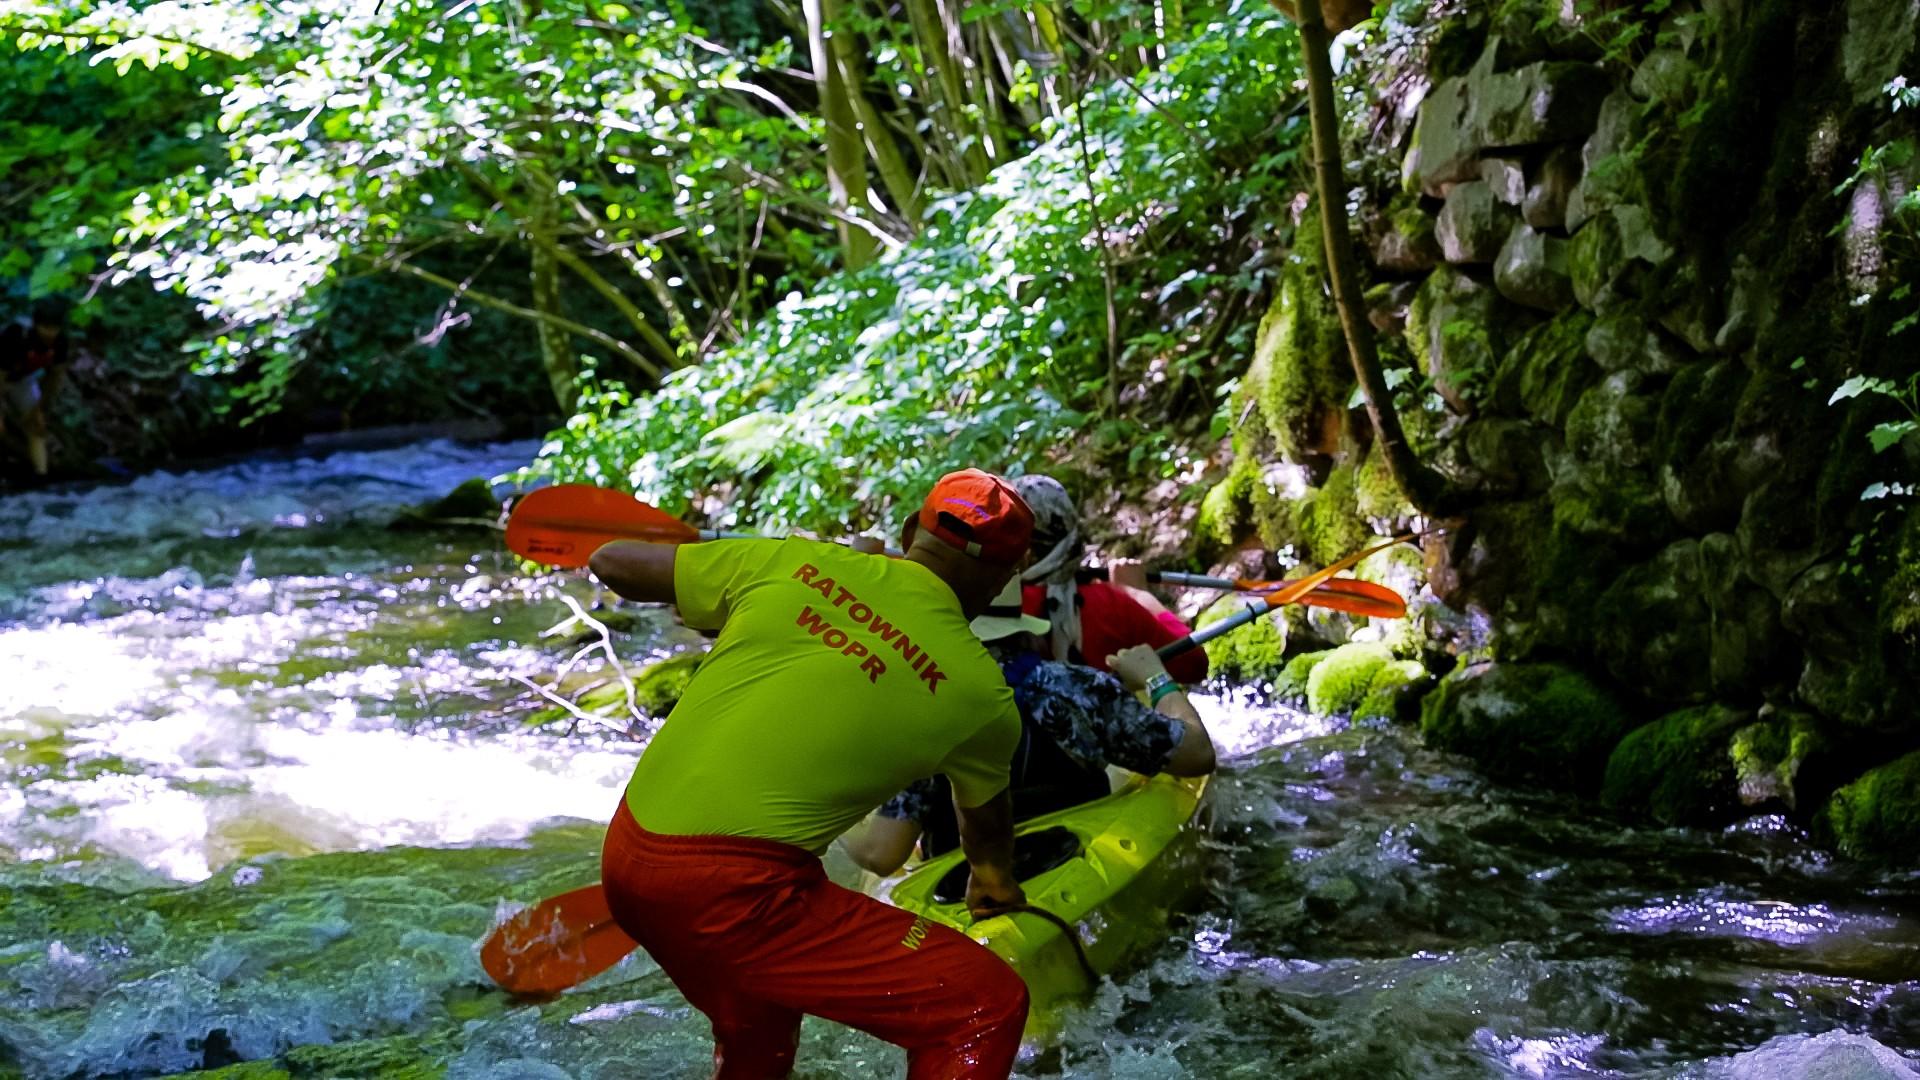 Spływ kajakowy Hydroaktywni 2018. Spłynęliśmy z klimatem  [FOTORELACJA, FILM] 34